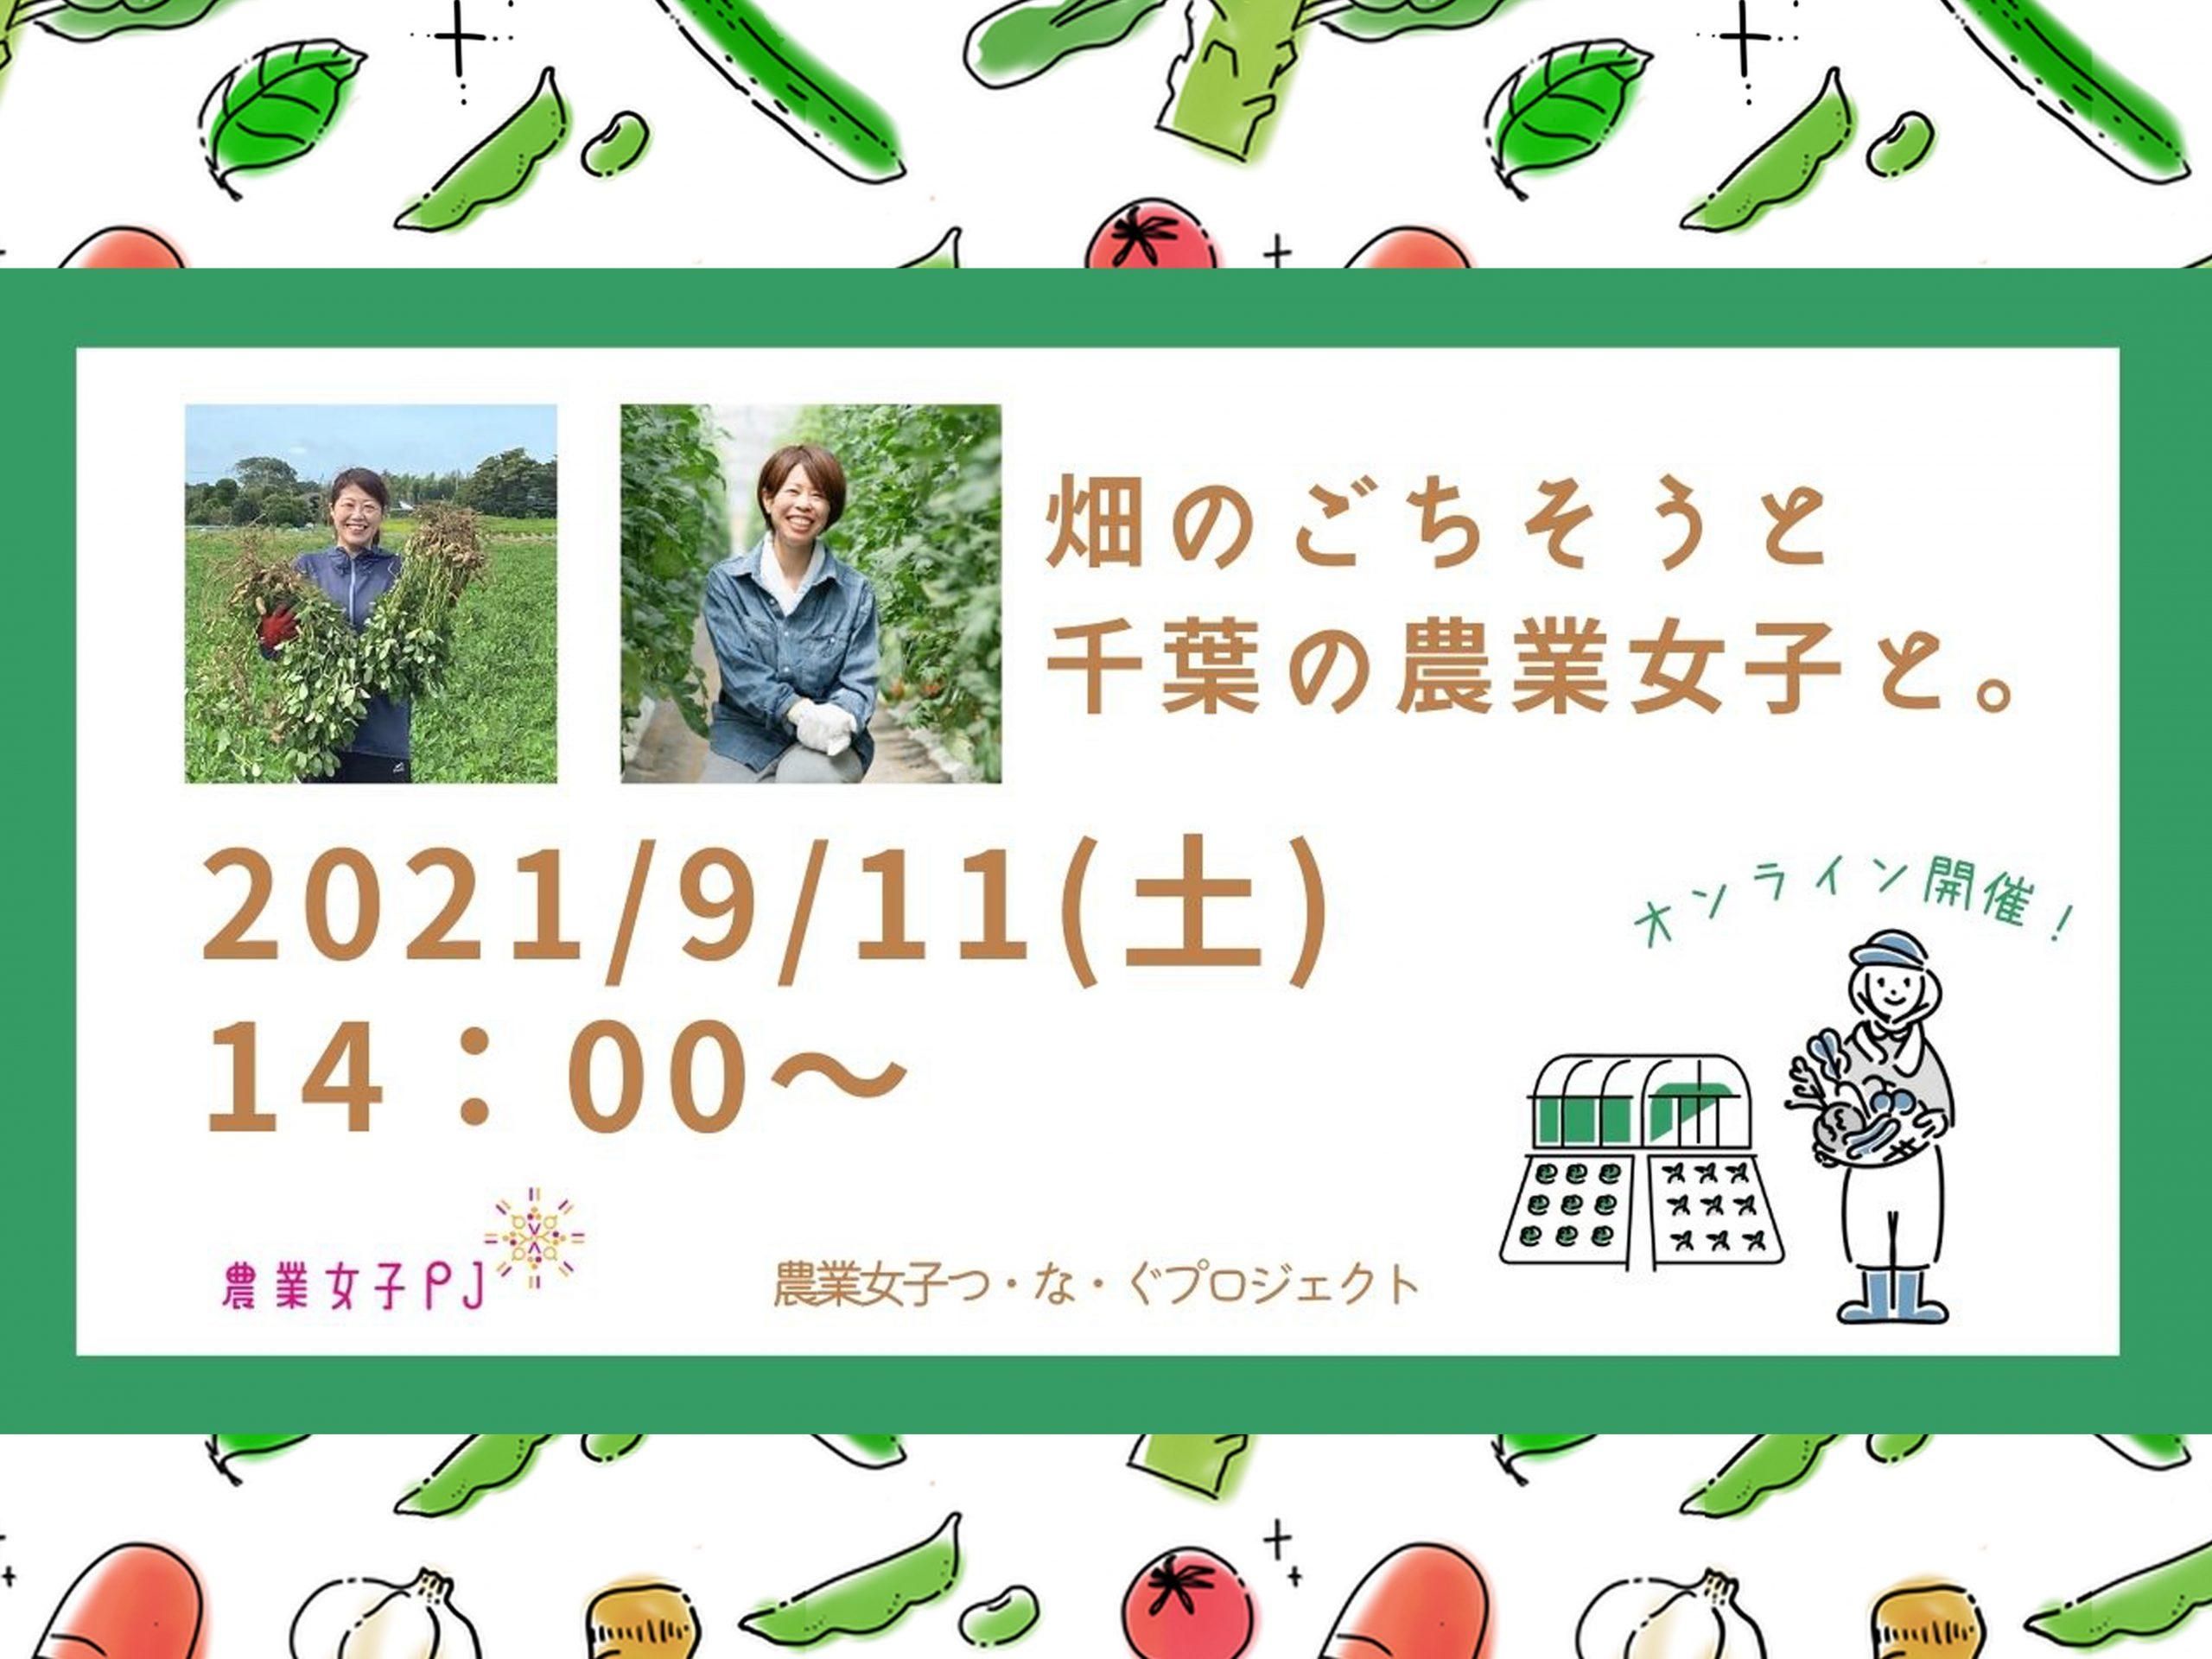 見て・食べて・おしゃべりしませんか?新鮮野菜が届く女性農家のオンラインツアー、参加者募集中!